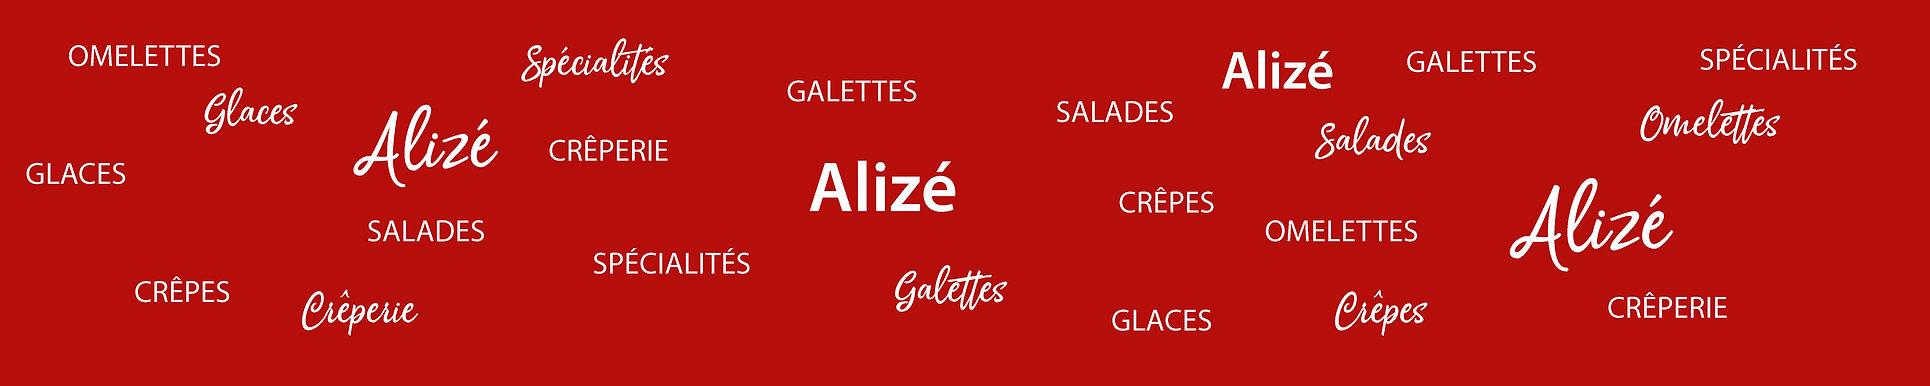 Bandeau-creperie-Alizé.jpg